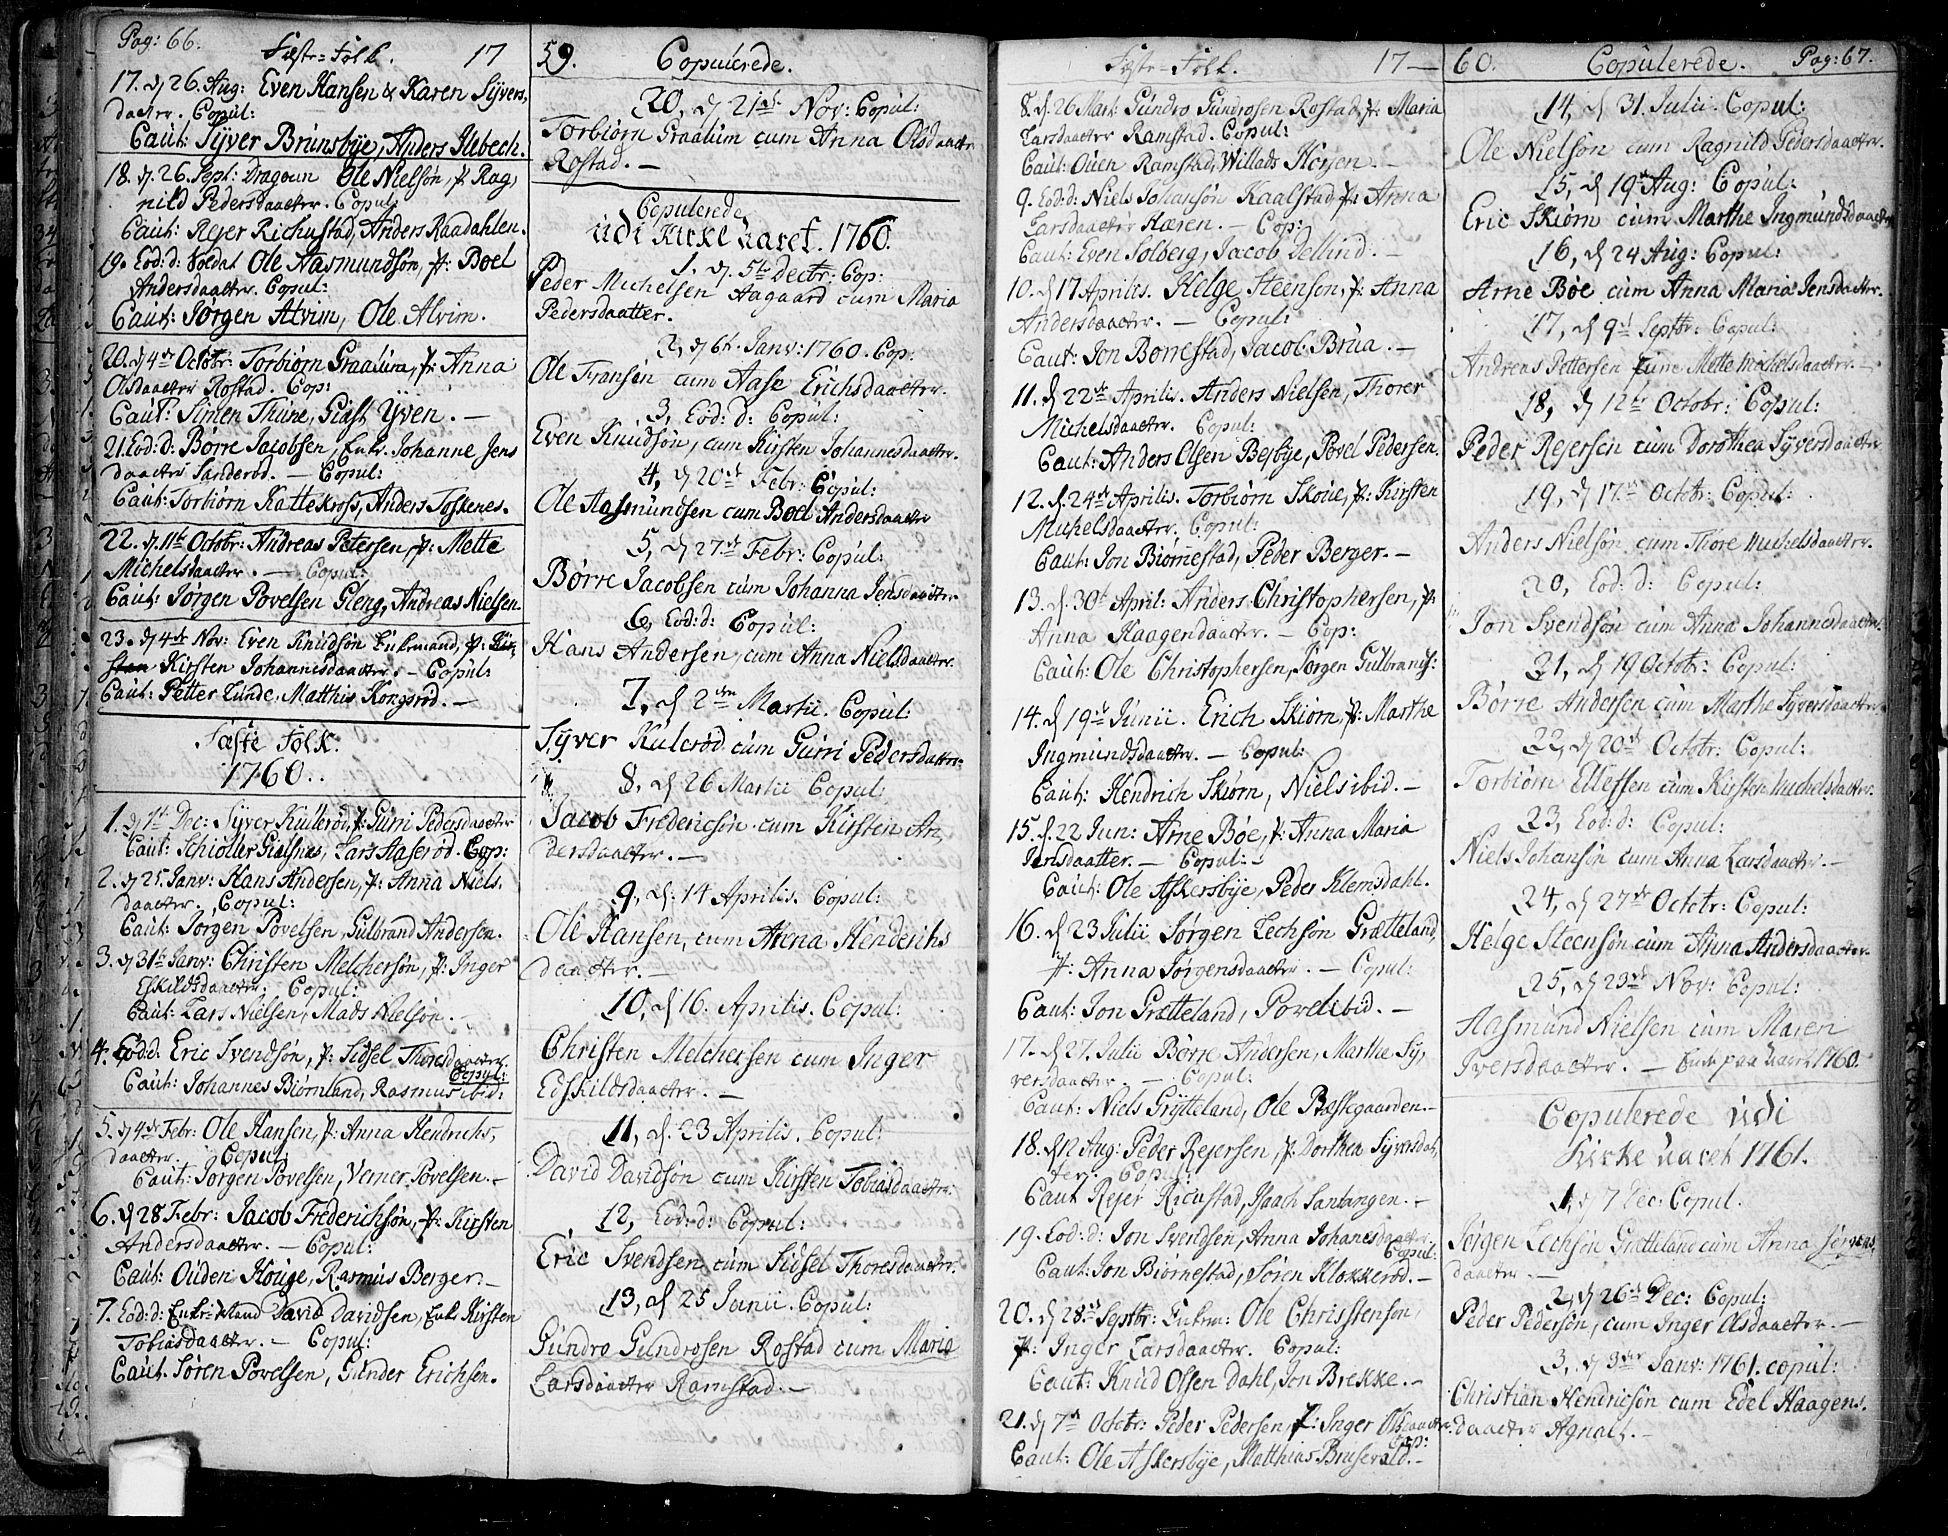 SAO, Tune prestekontor Kirkebøker, F/Fa/L0002: Ministerialbok nr. 2, 1758-1781, s. 66-67